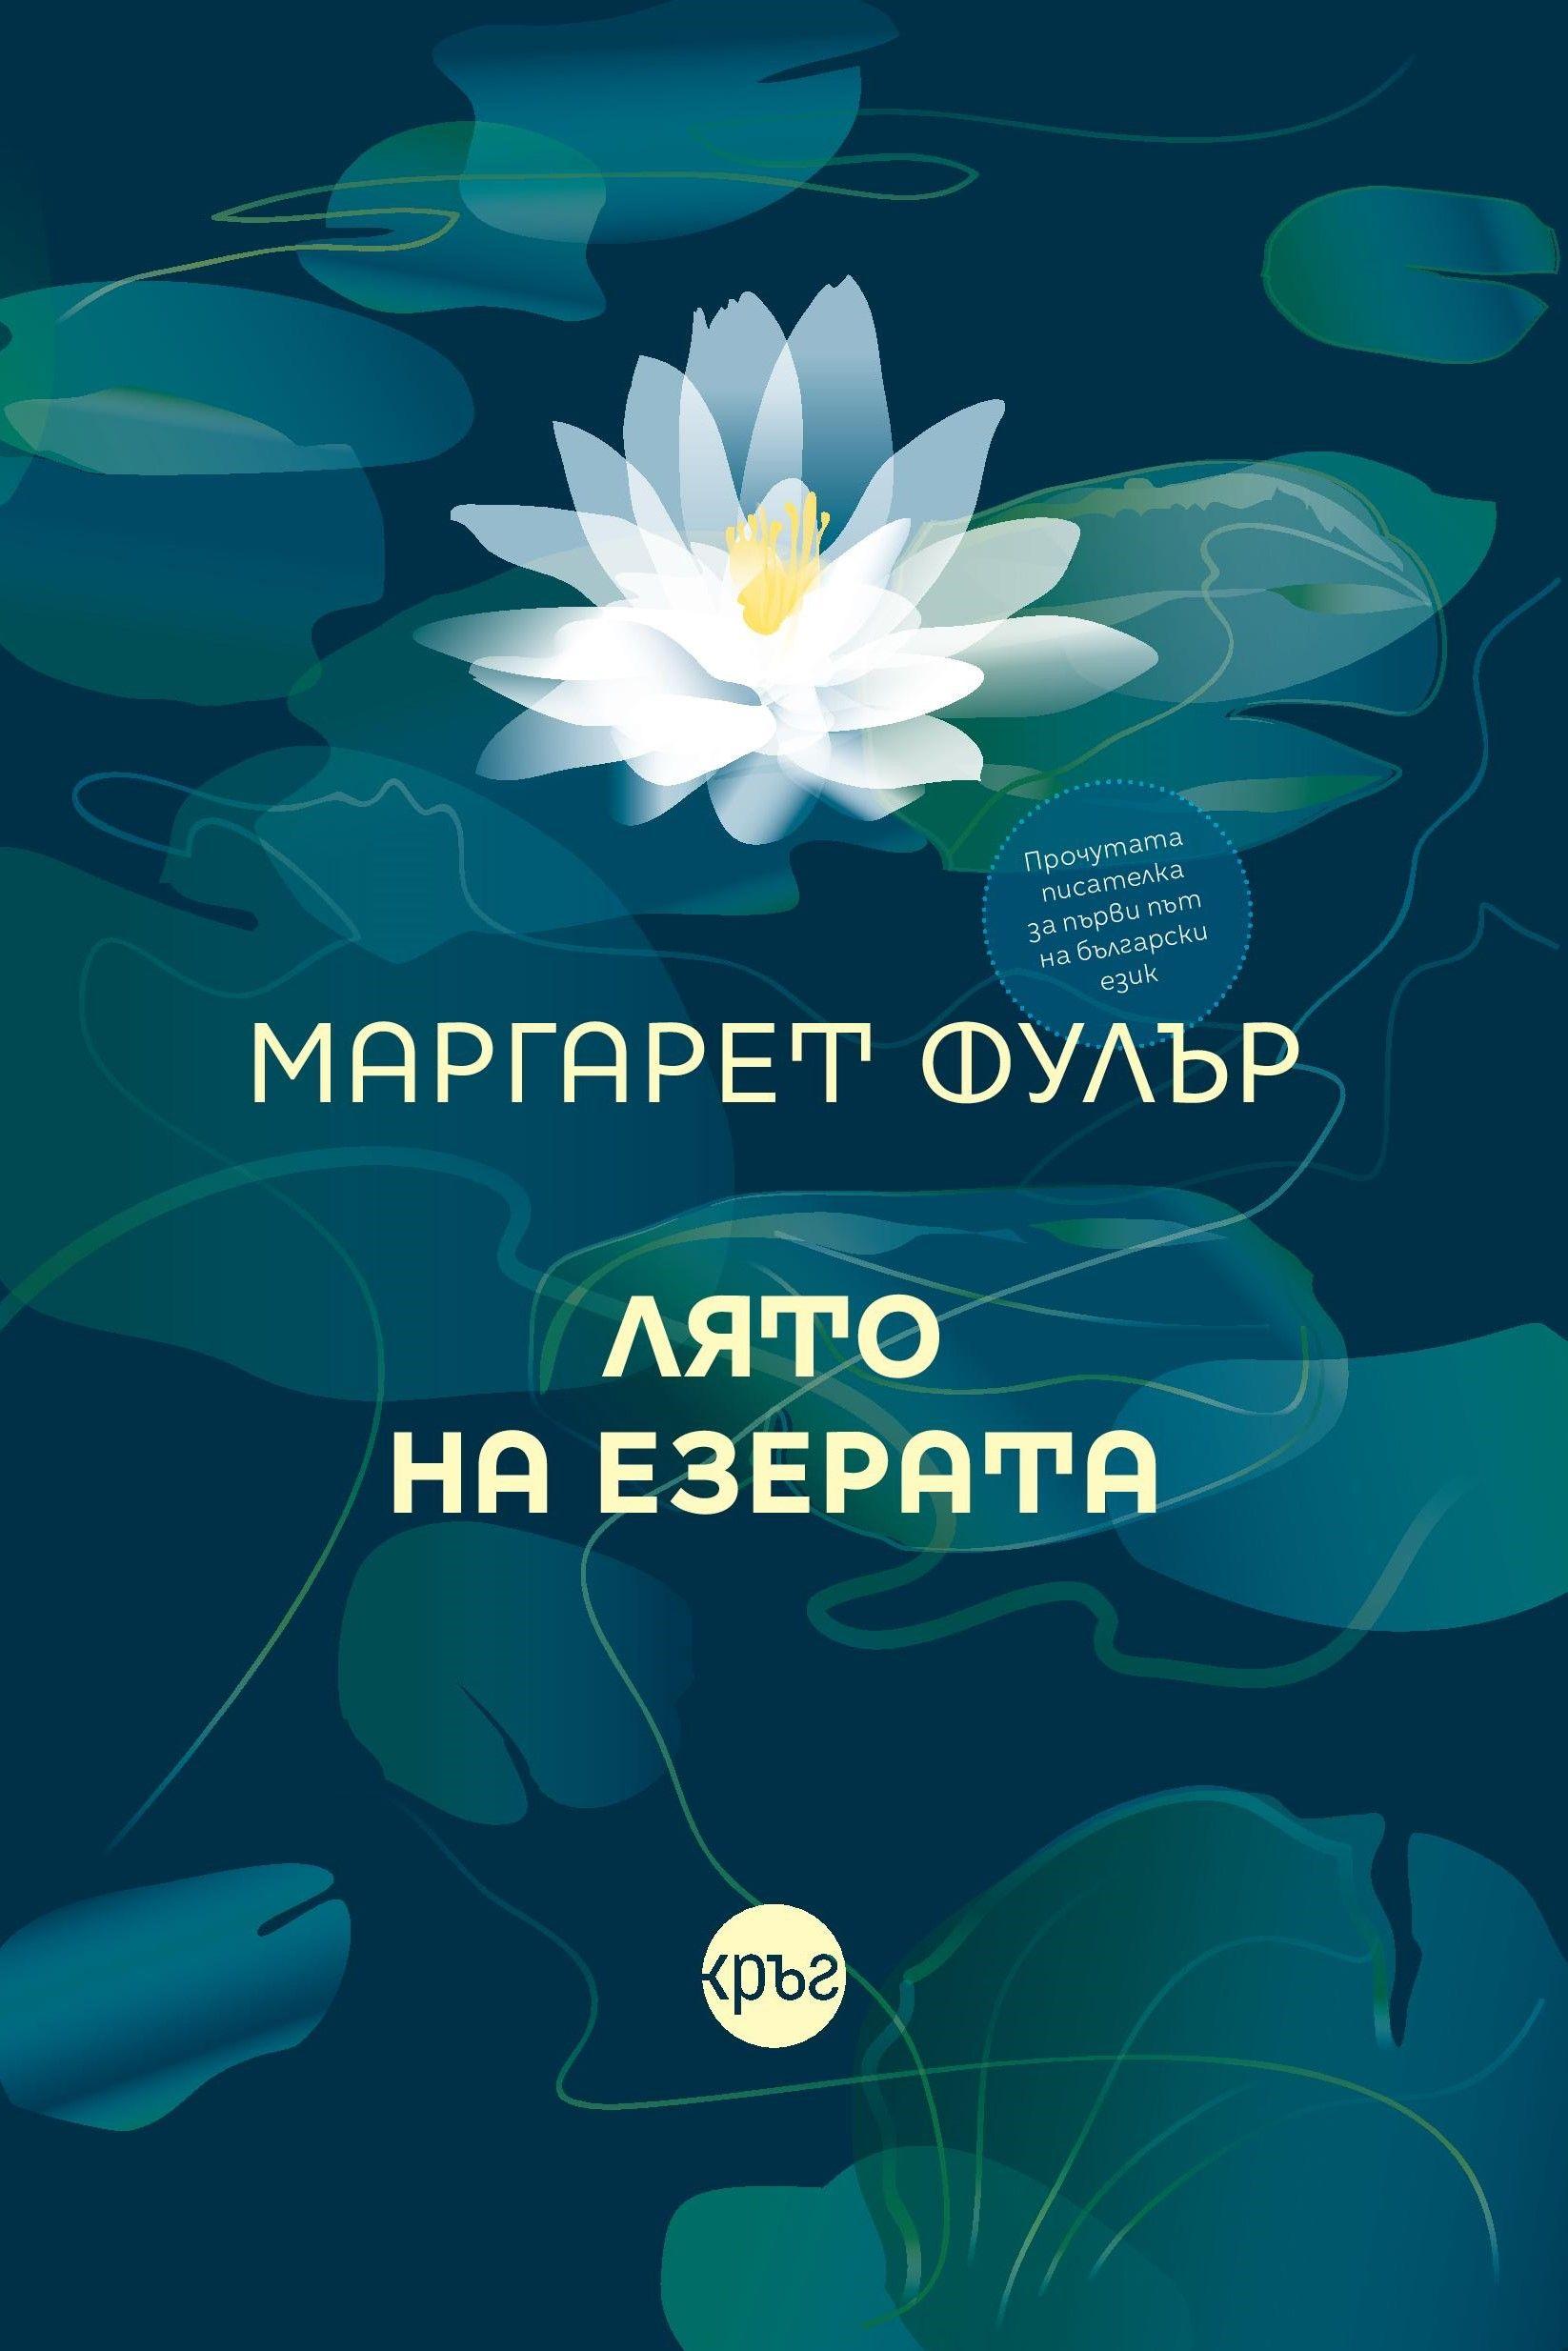 """""""Лято на езерата"""" - една от най-значимите жени в историята за първи път на български"""